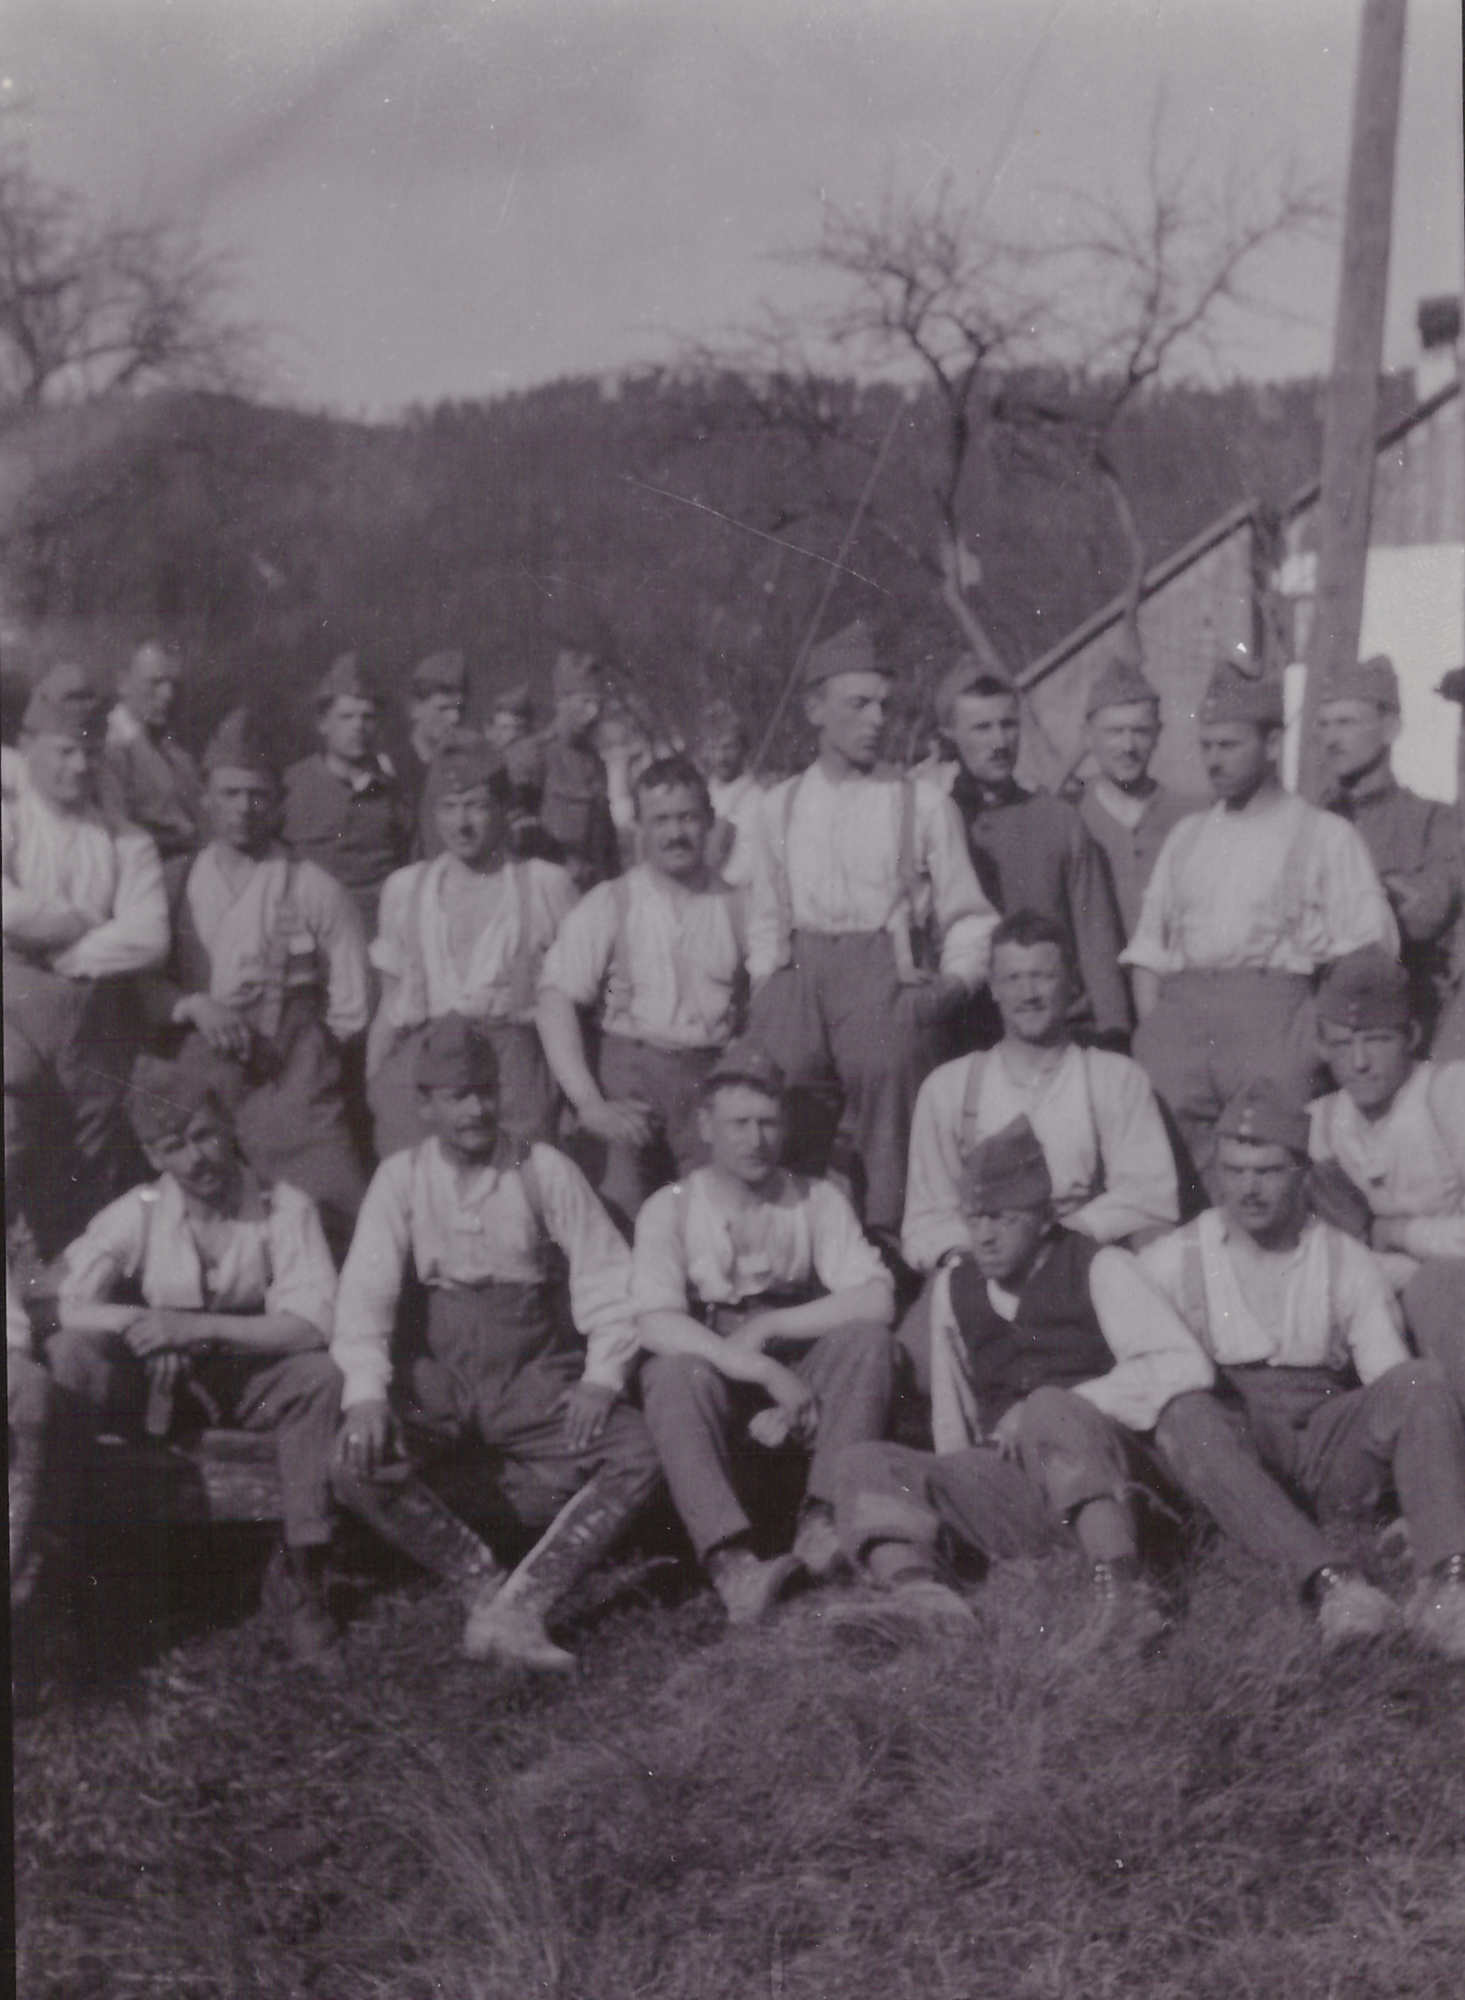 Bild: Gruppenbild mit Soldaten, Ort und Zeit unbekannt